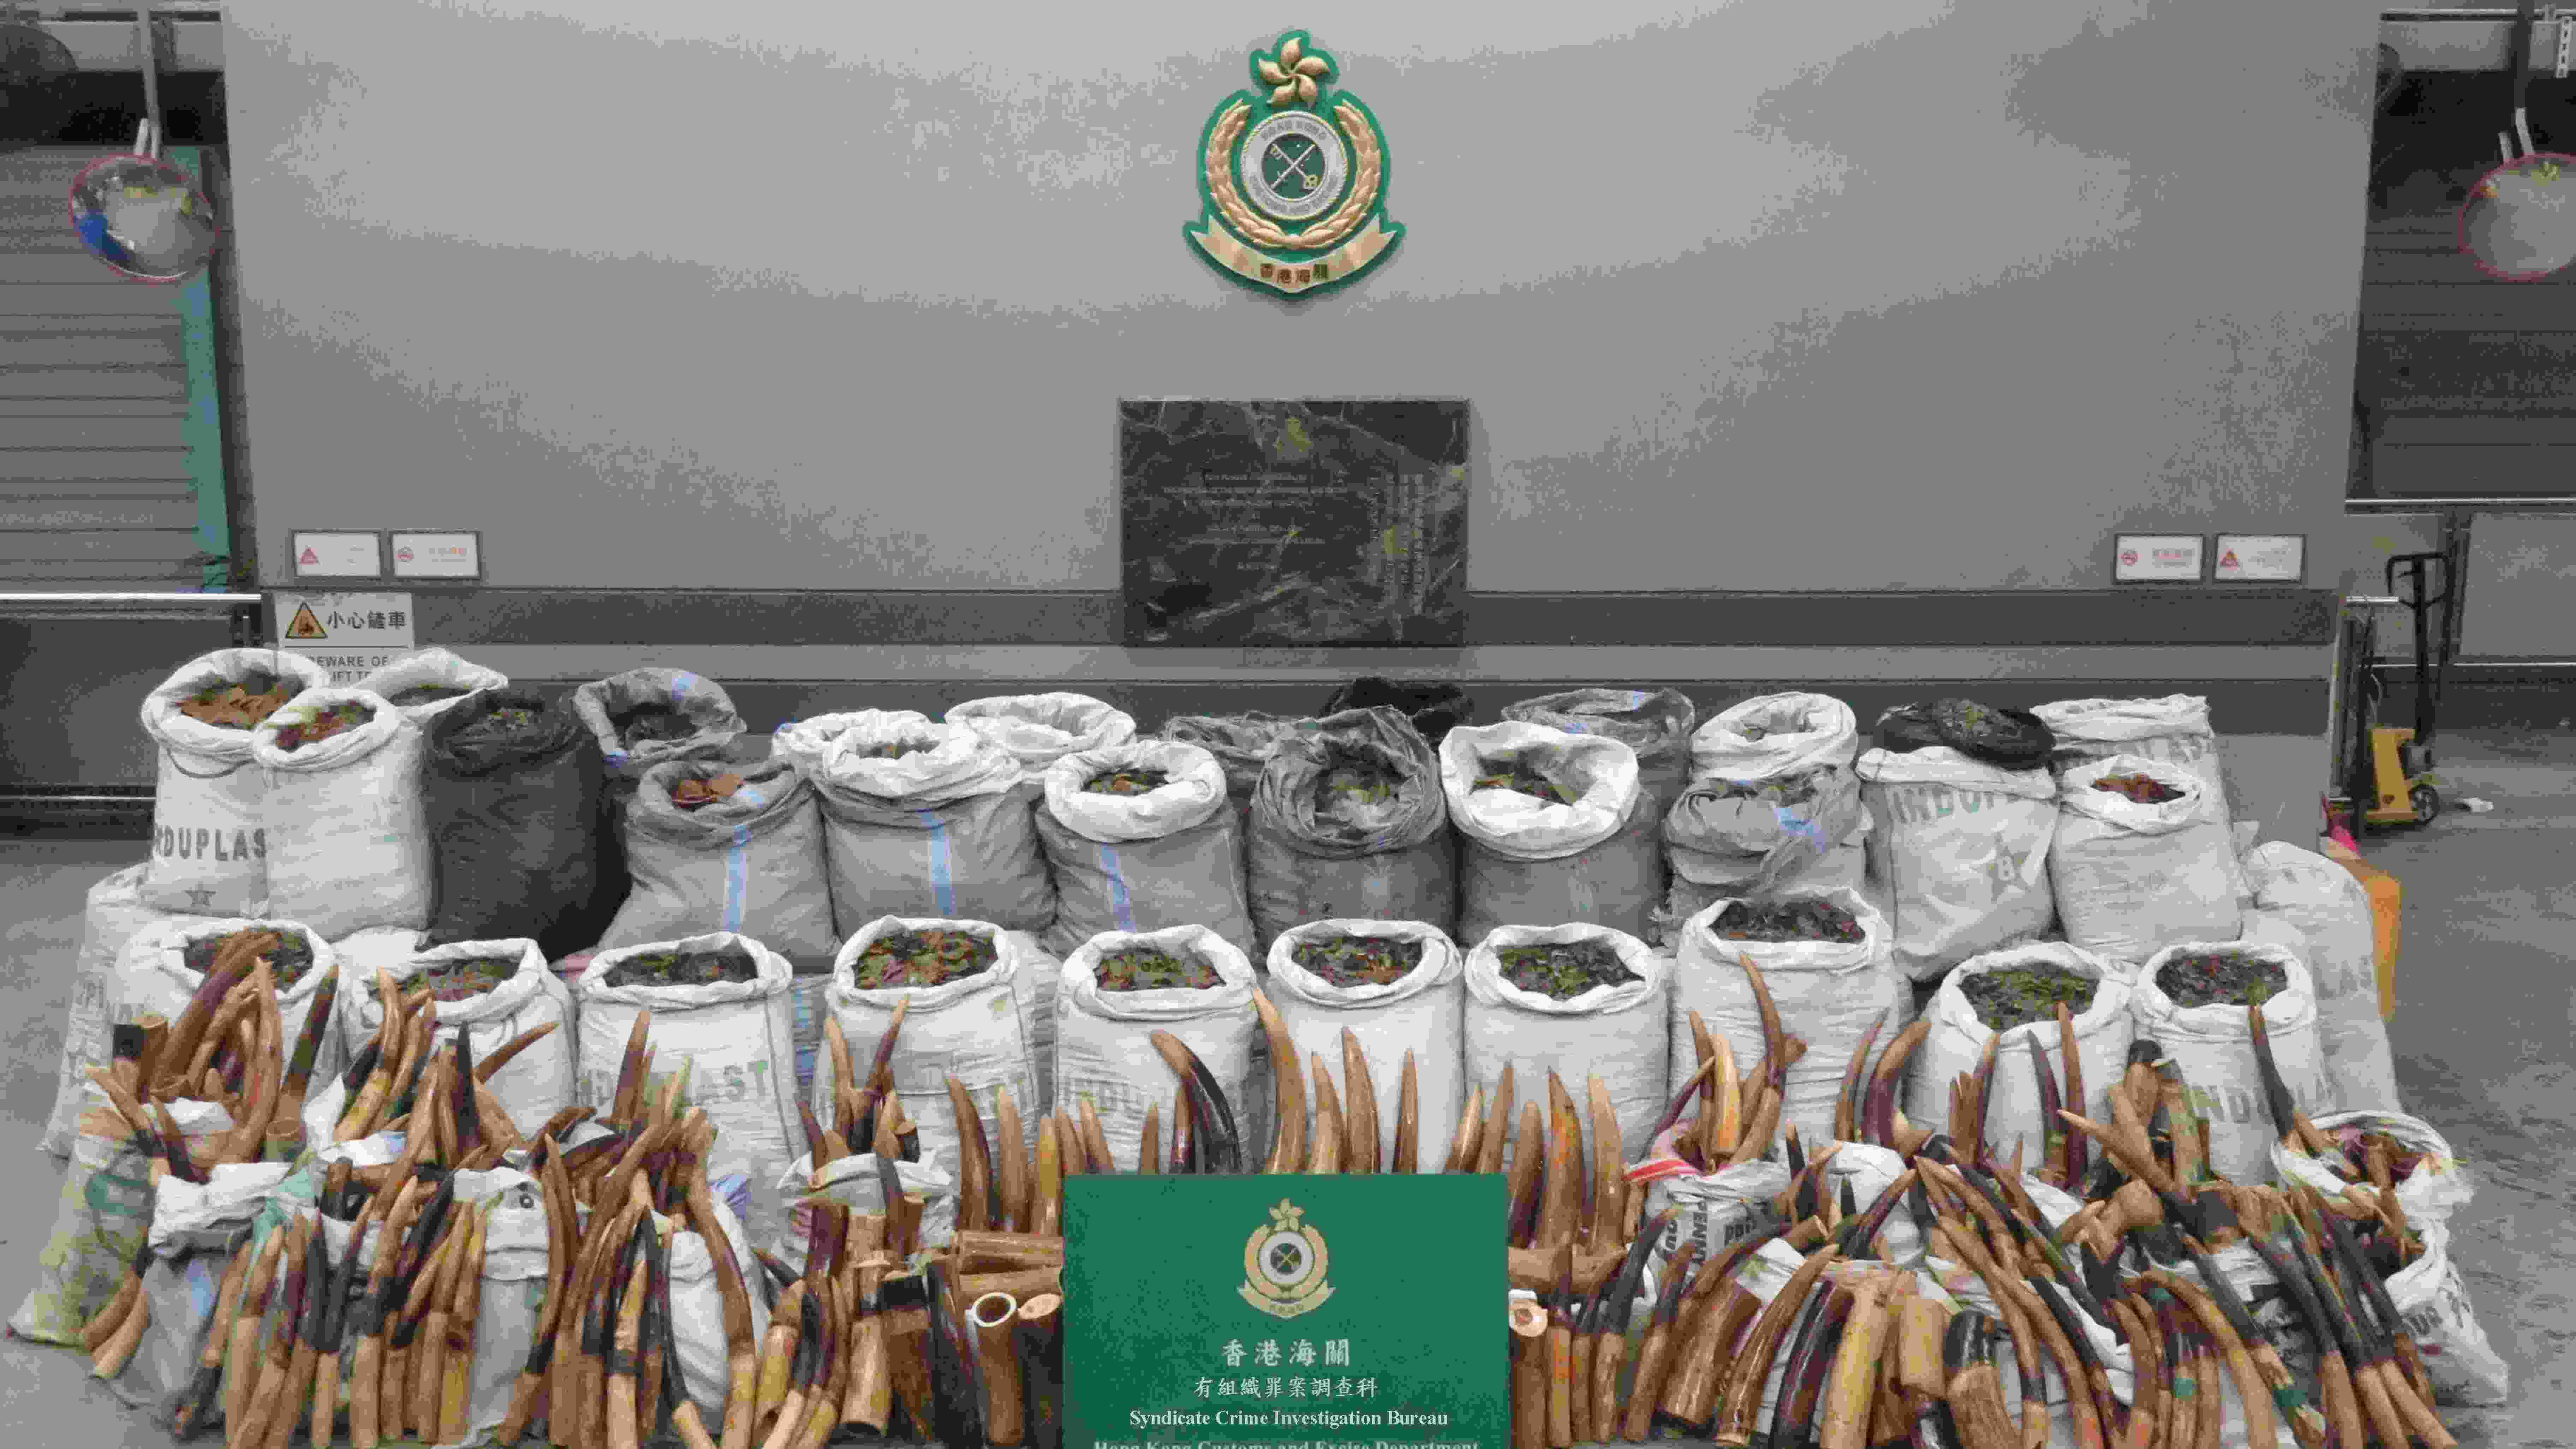 Record seizure of pangolin scales, ivory in Hong Kong